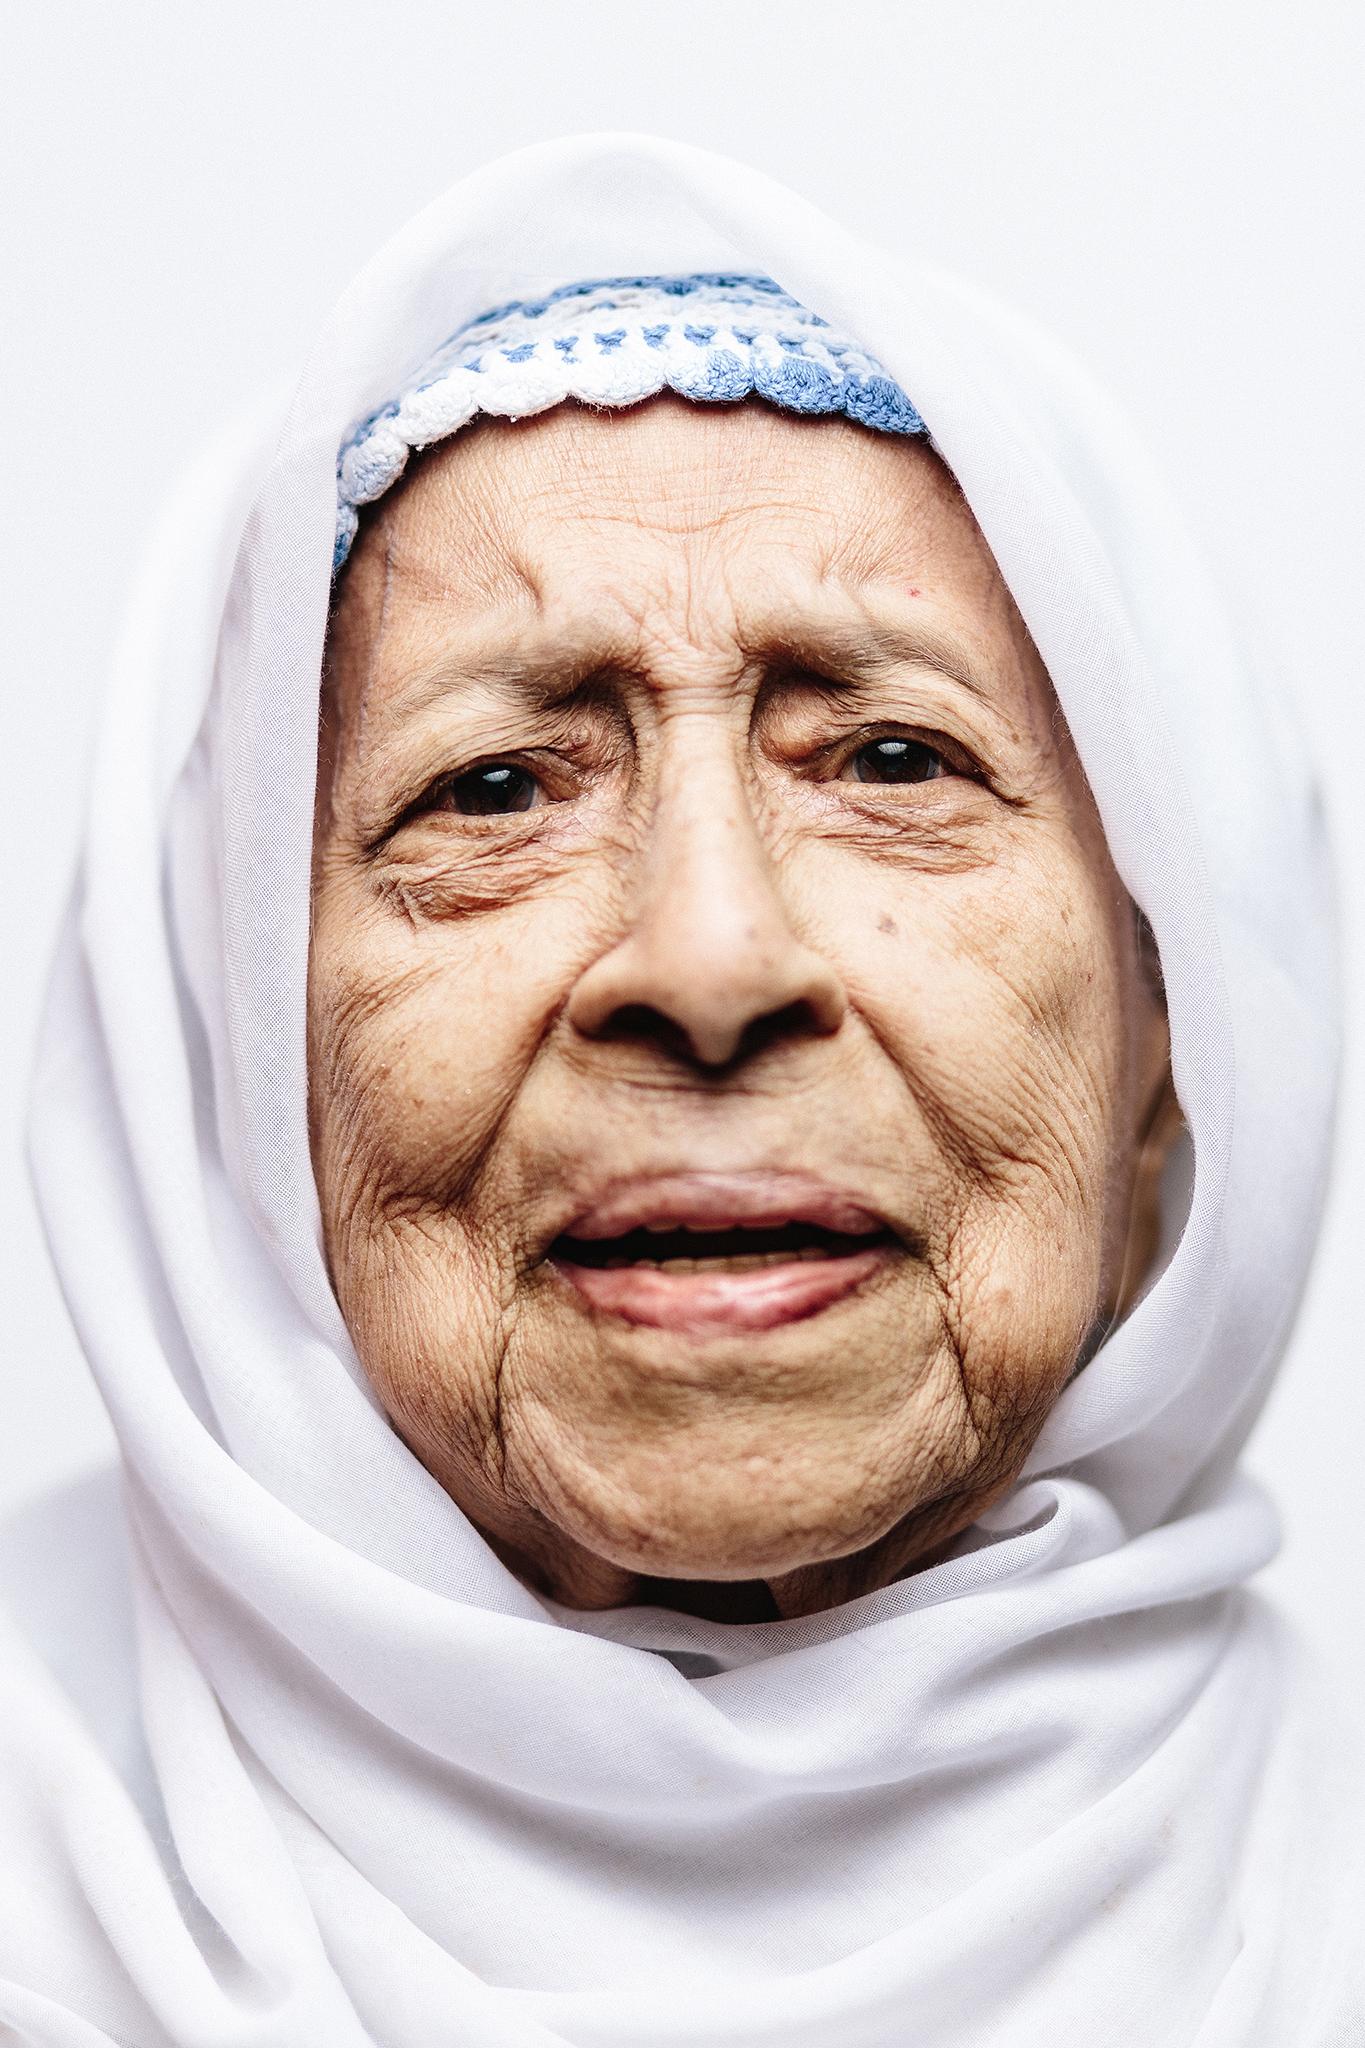 Bulkis Yahya - Singapore Centenarian. SG 100.